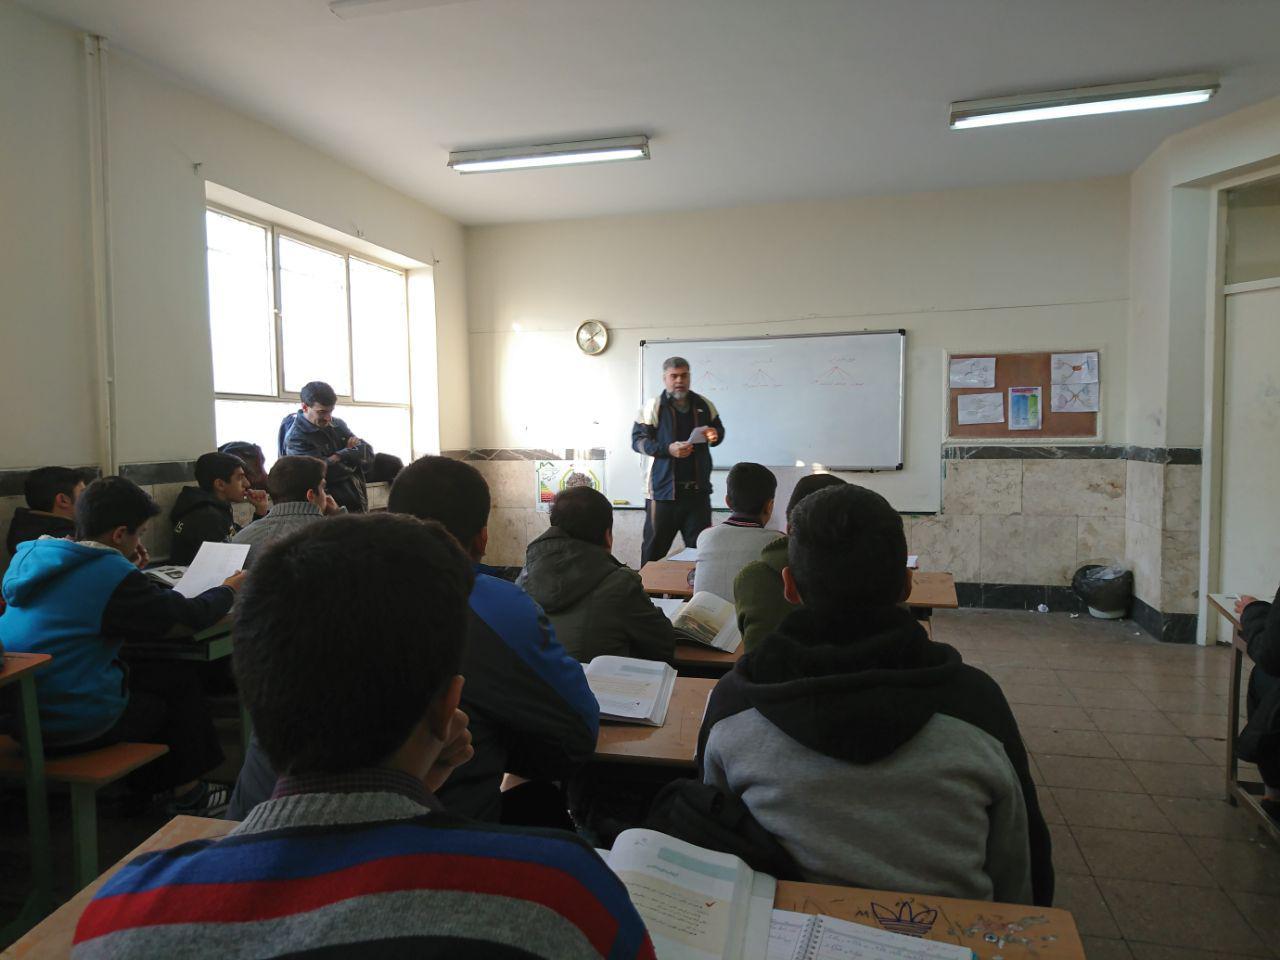 هدایت تحصیلی پایه های نهم توسط آقای رحیمی مشاور تحصیلی دبیرستان انجام شد.